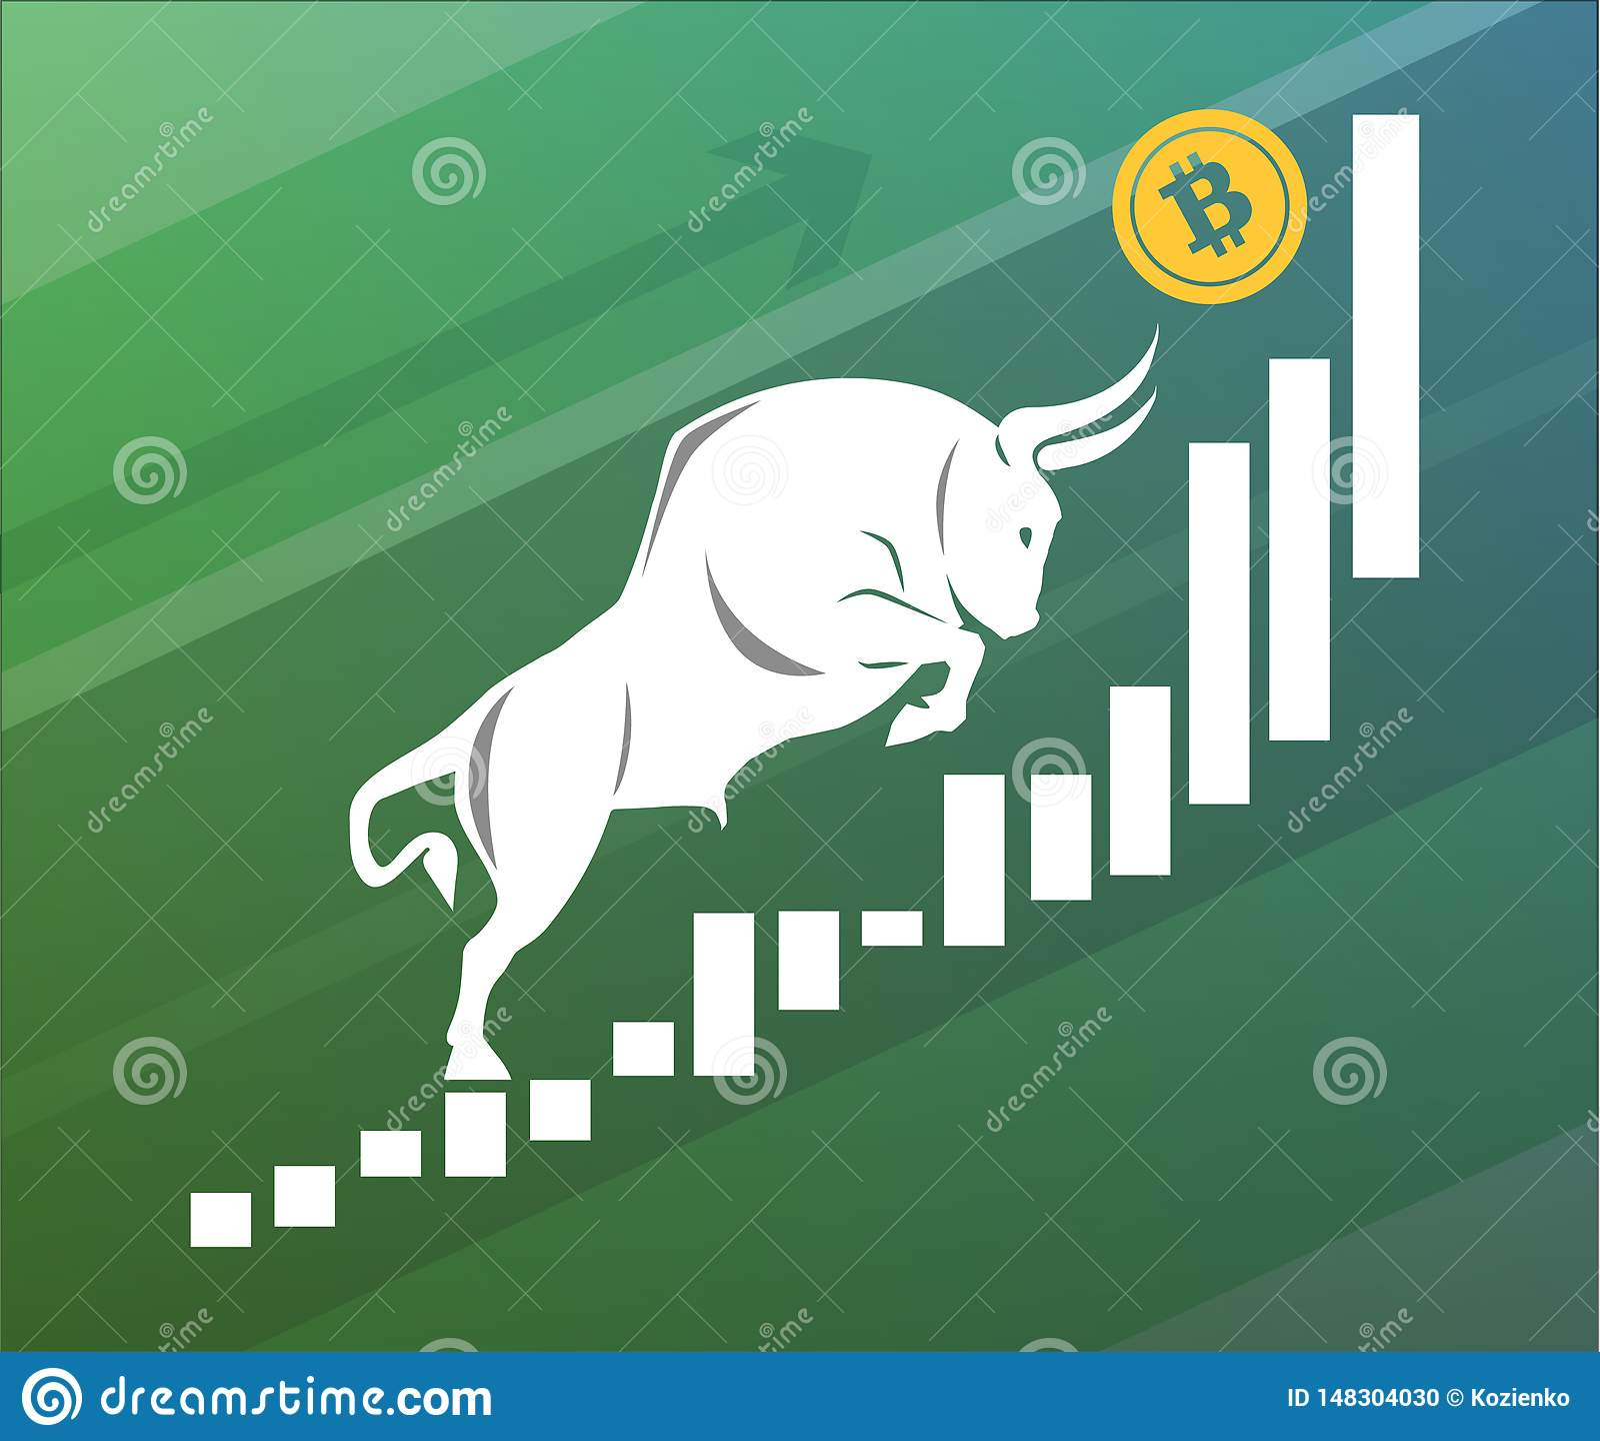 bitcoin mining india merită să investești în bitcoin